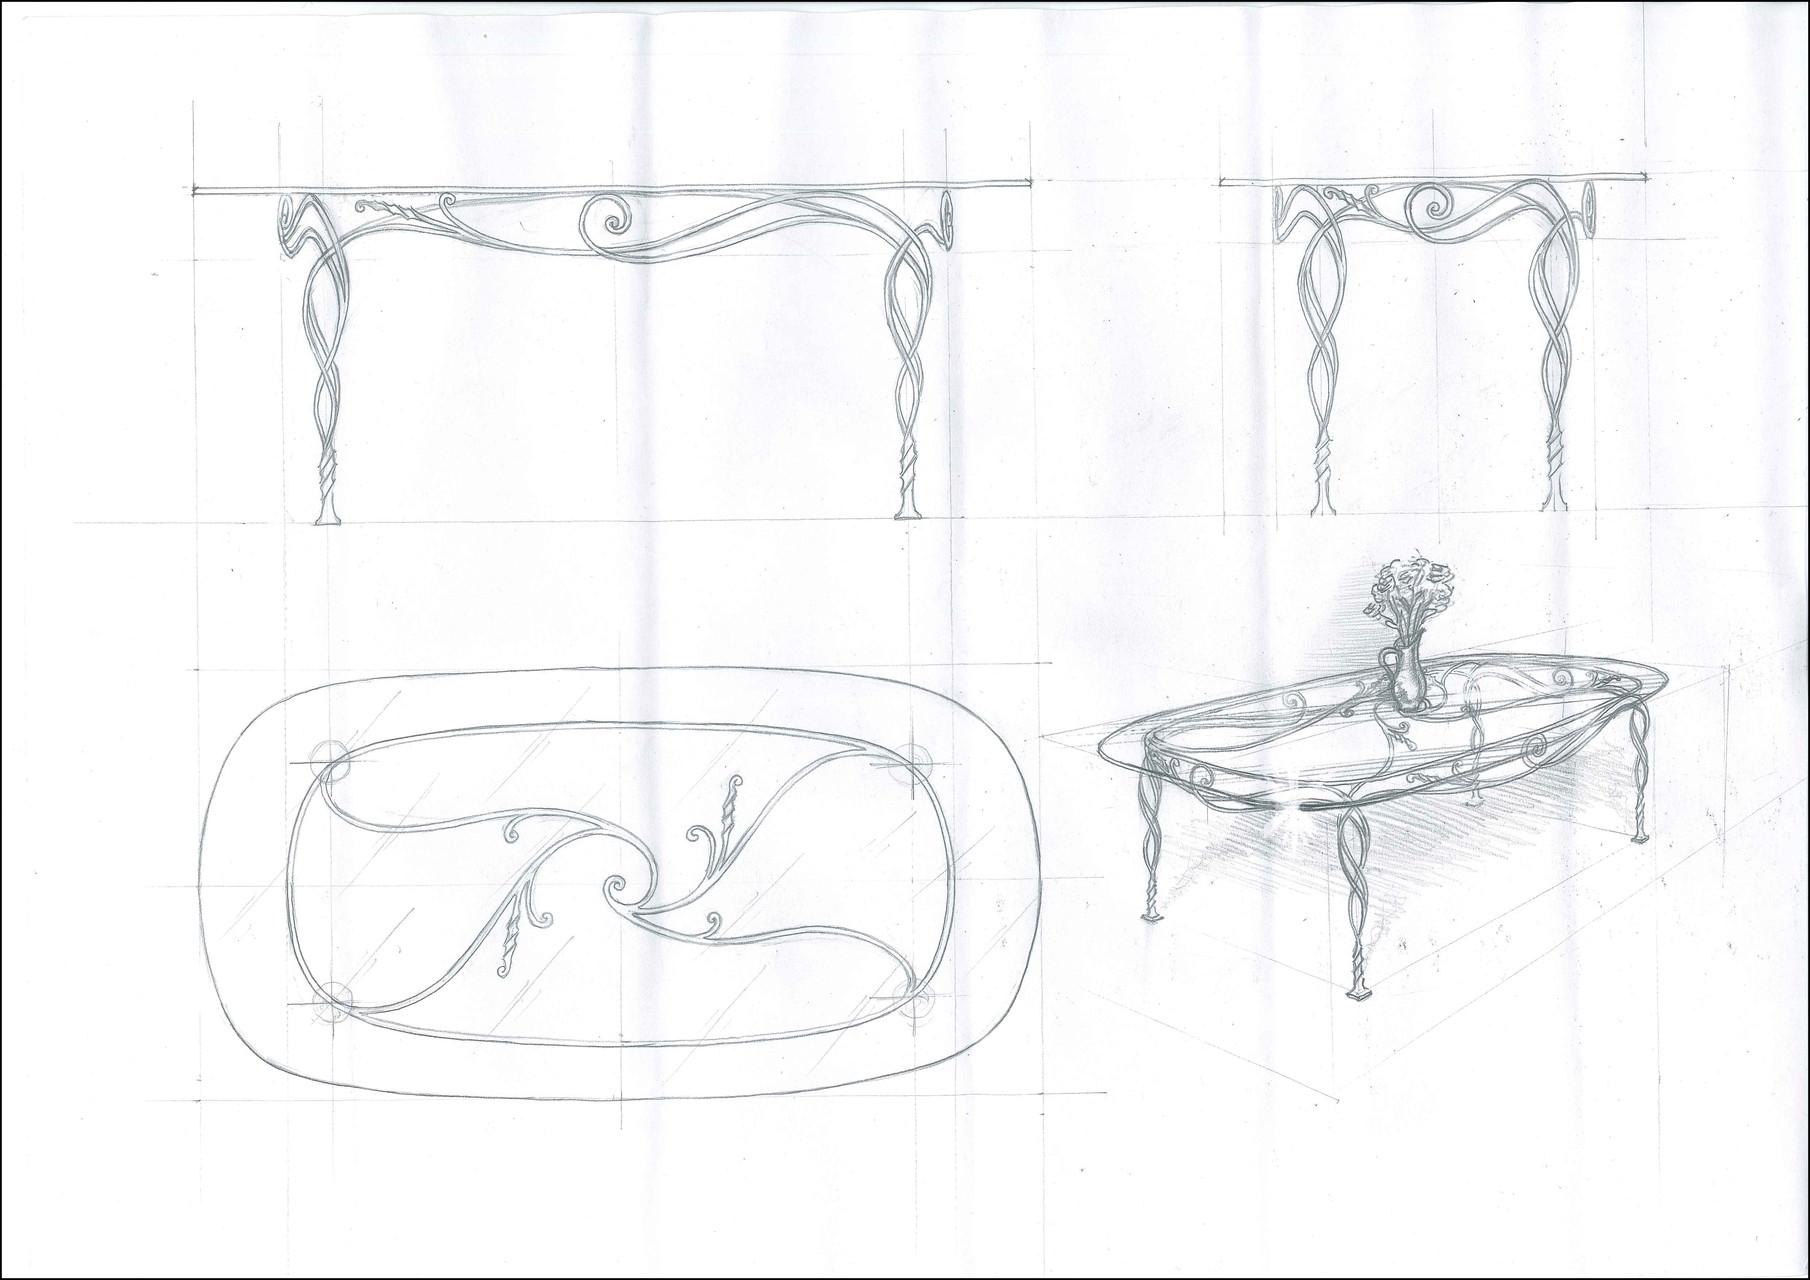 """Стол обеденный овальный """"Увертюра"""". Стеклянная столешница  с кованой опорой.Ручная художественная ковка. Размеры 1980x1000"""